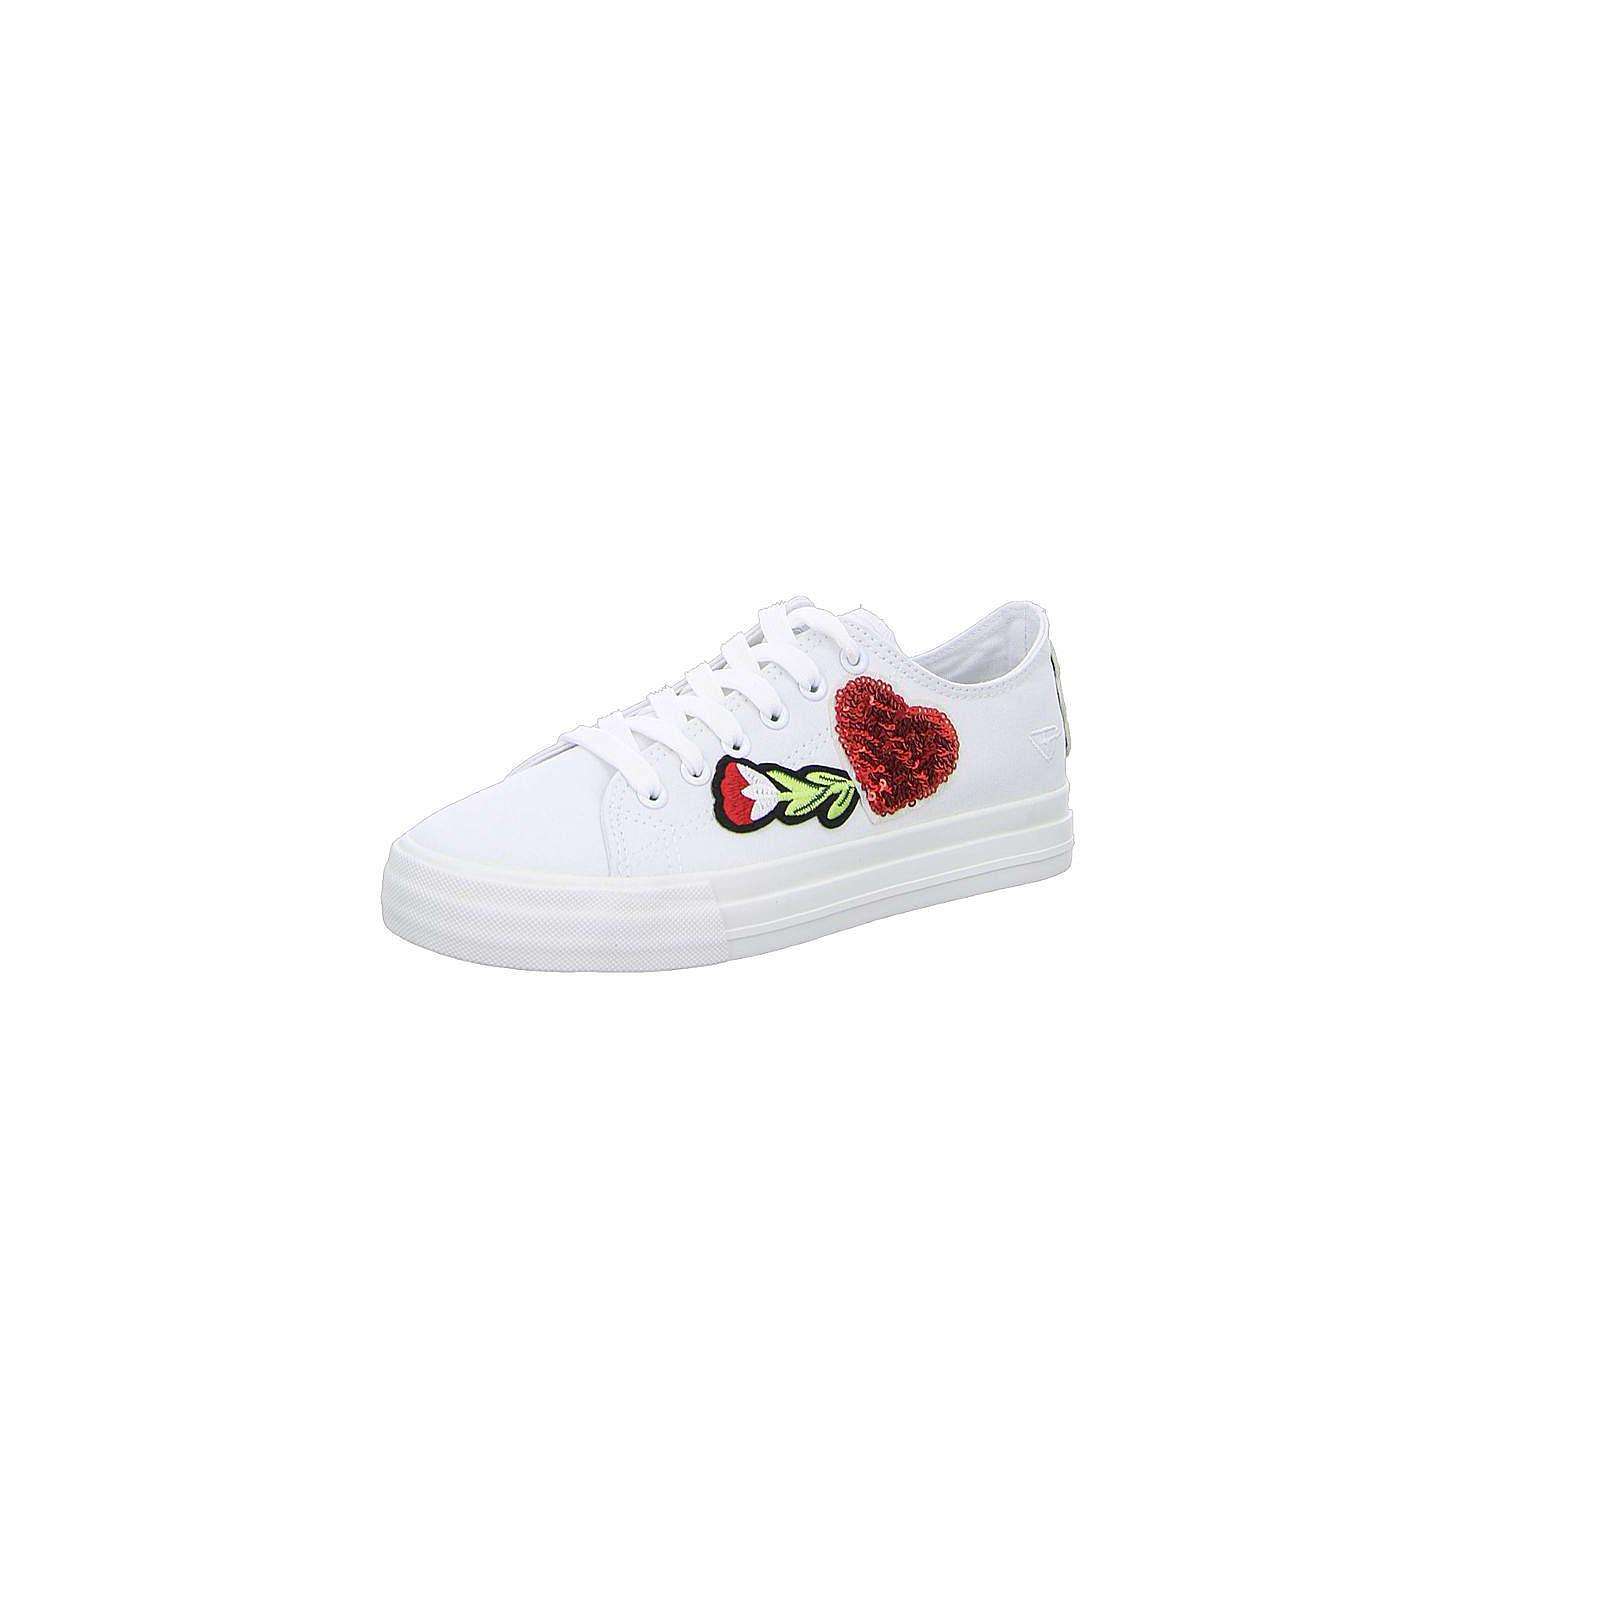 Tamaris Sneakers Low schwarz Damen Gr. 39